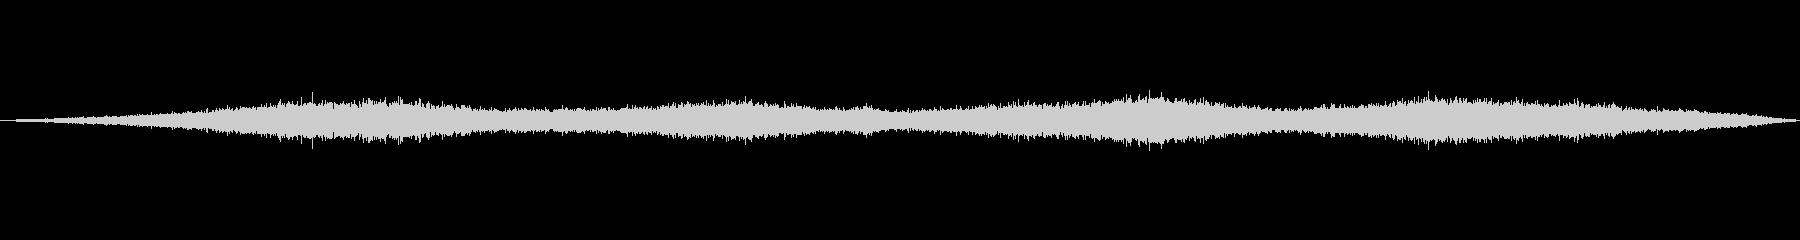 風の効果音(自然、そよ風、ビル風等)12の未再生の波形